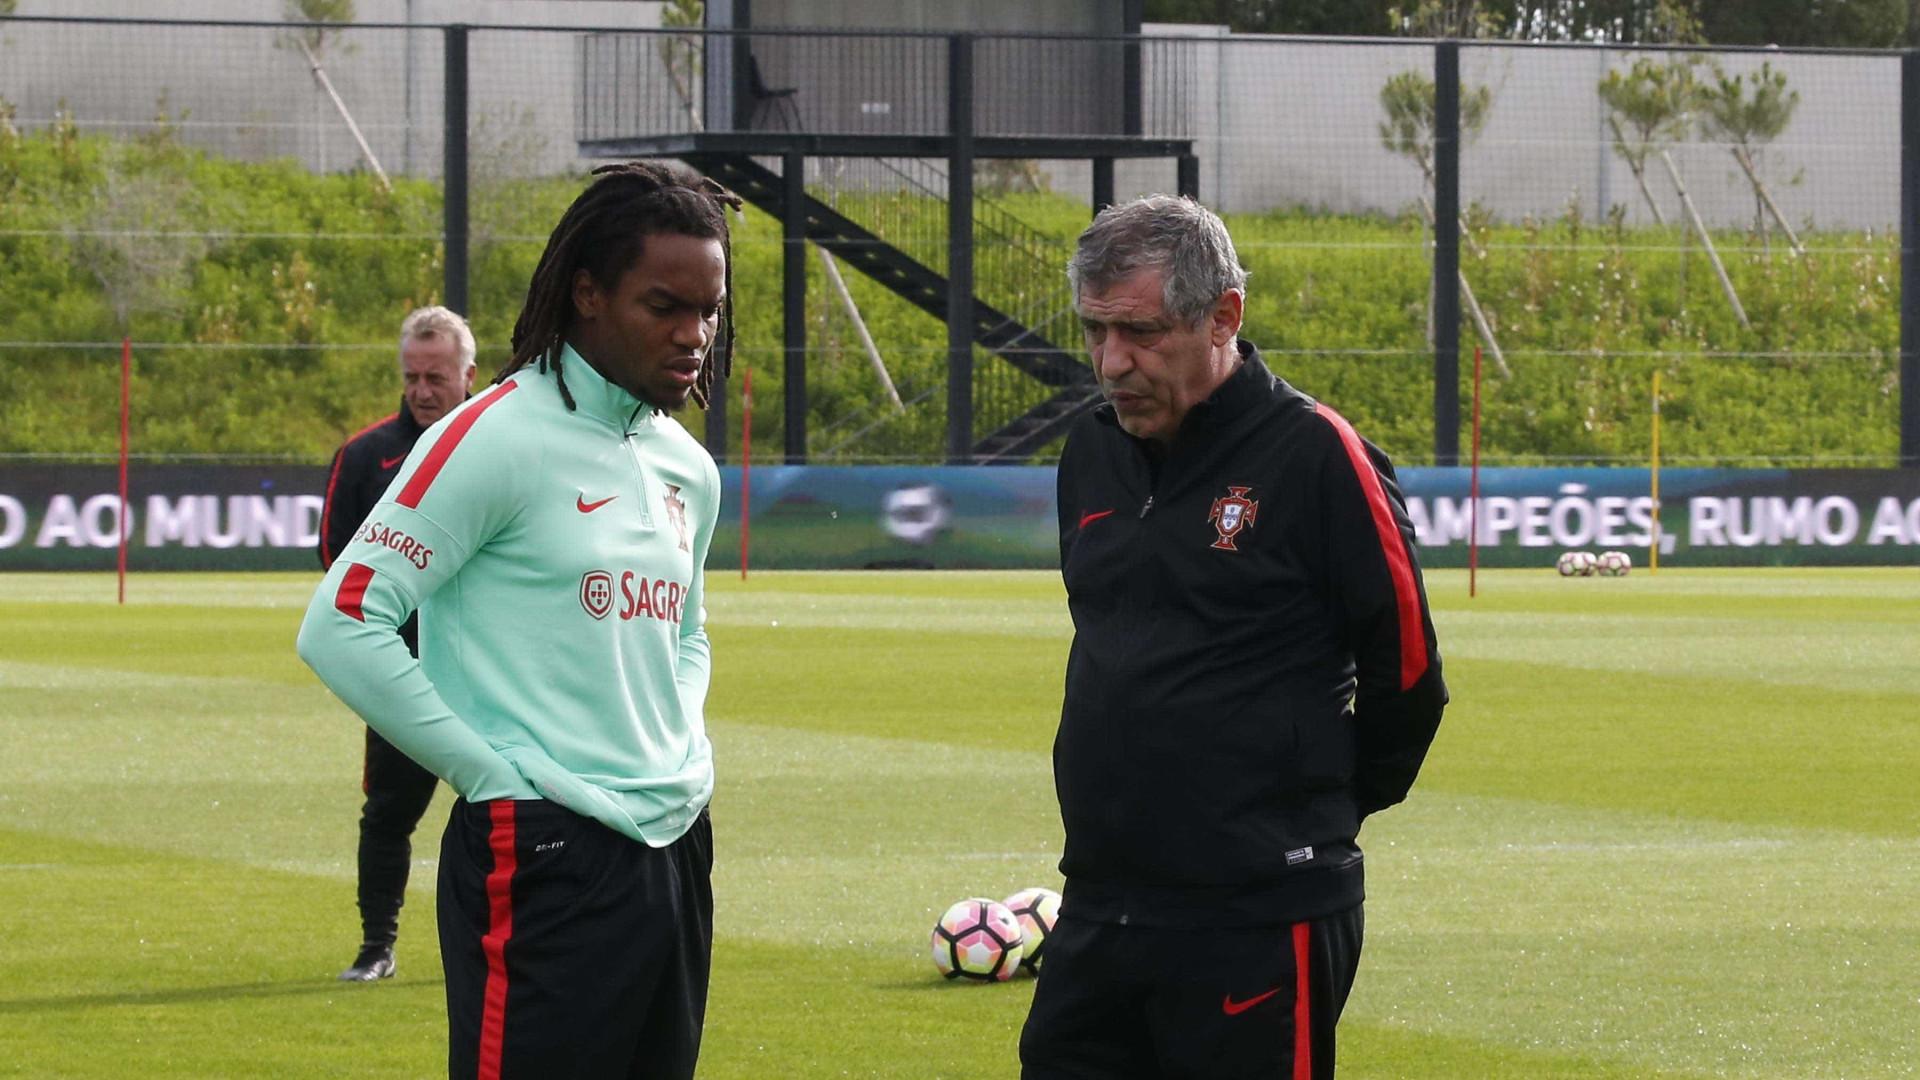 Portugal realiza primeiro treino sem Anthony Lopes e com Pepe em dúvida